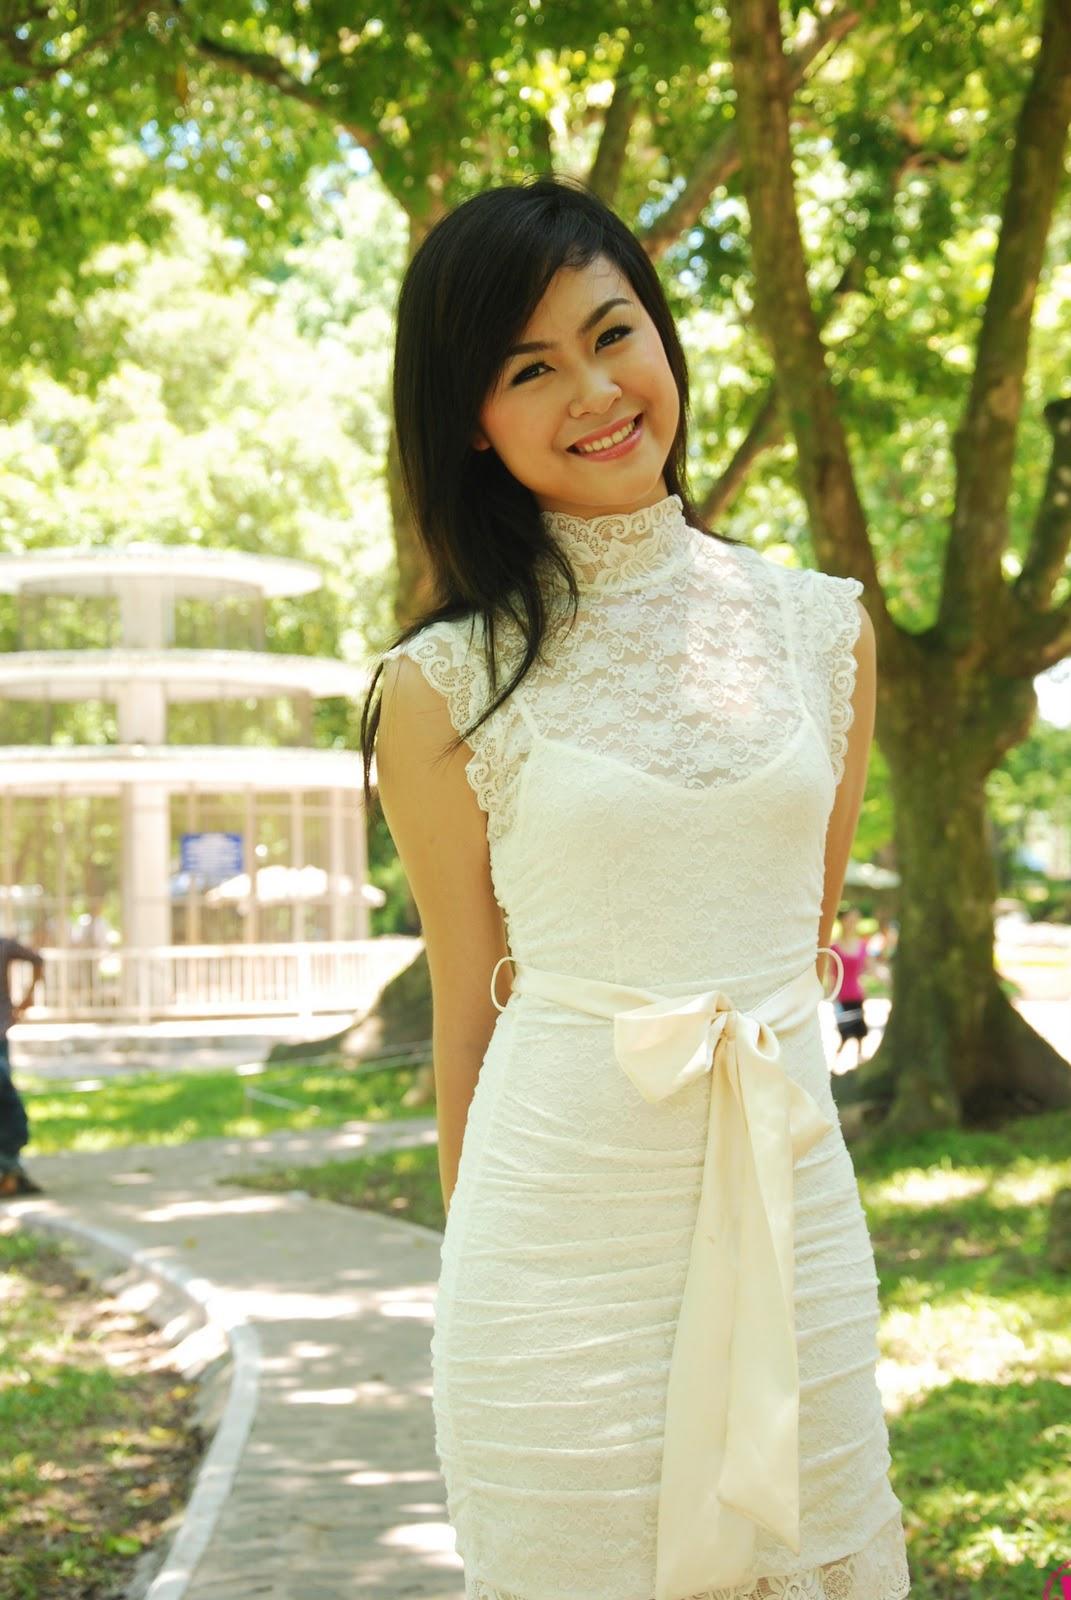 miss teen vietnam 2011 part 10 - Vietnamese girls